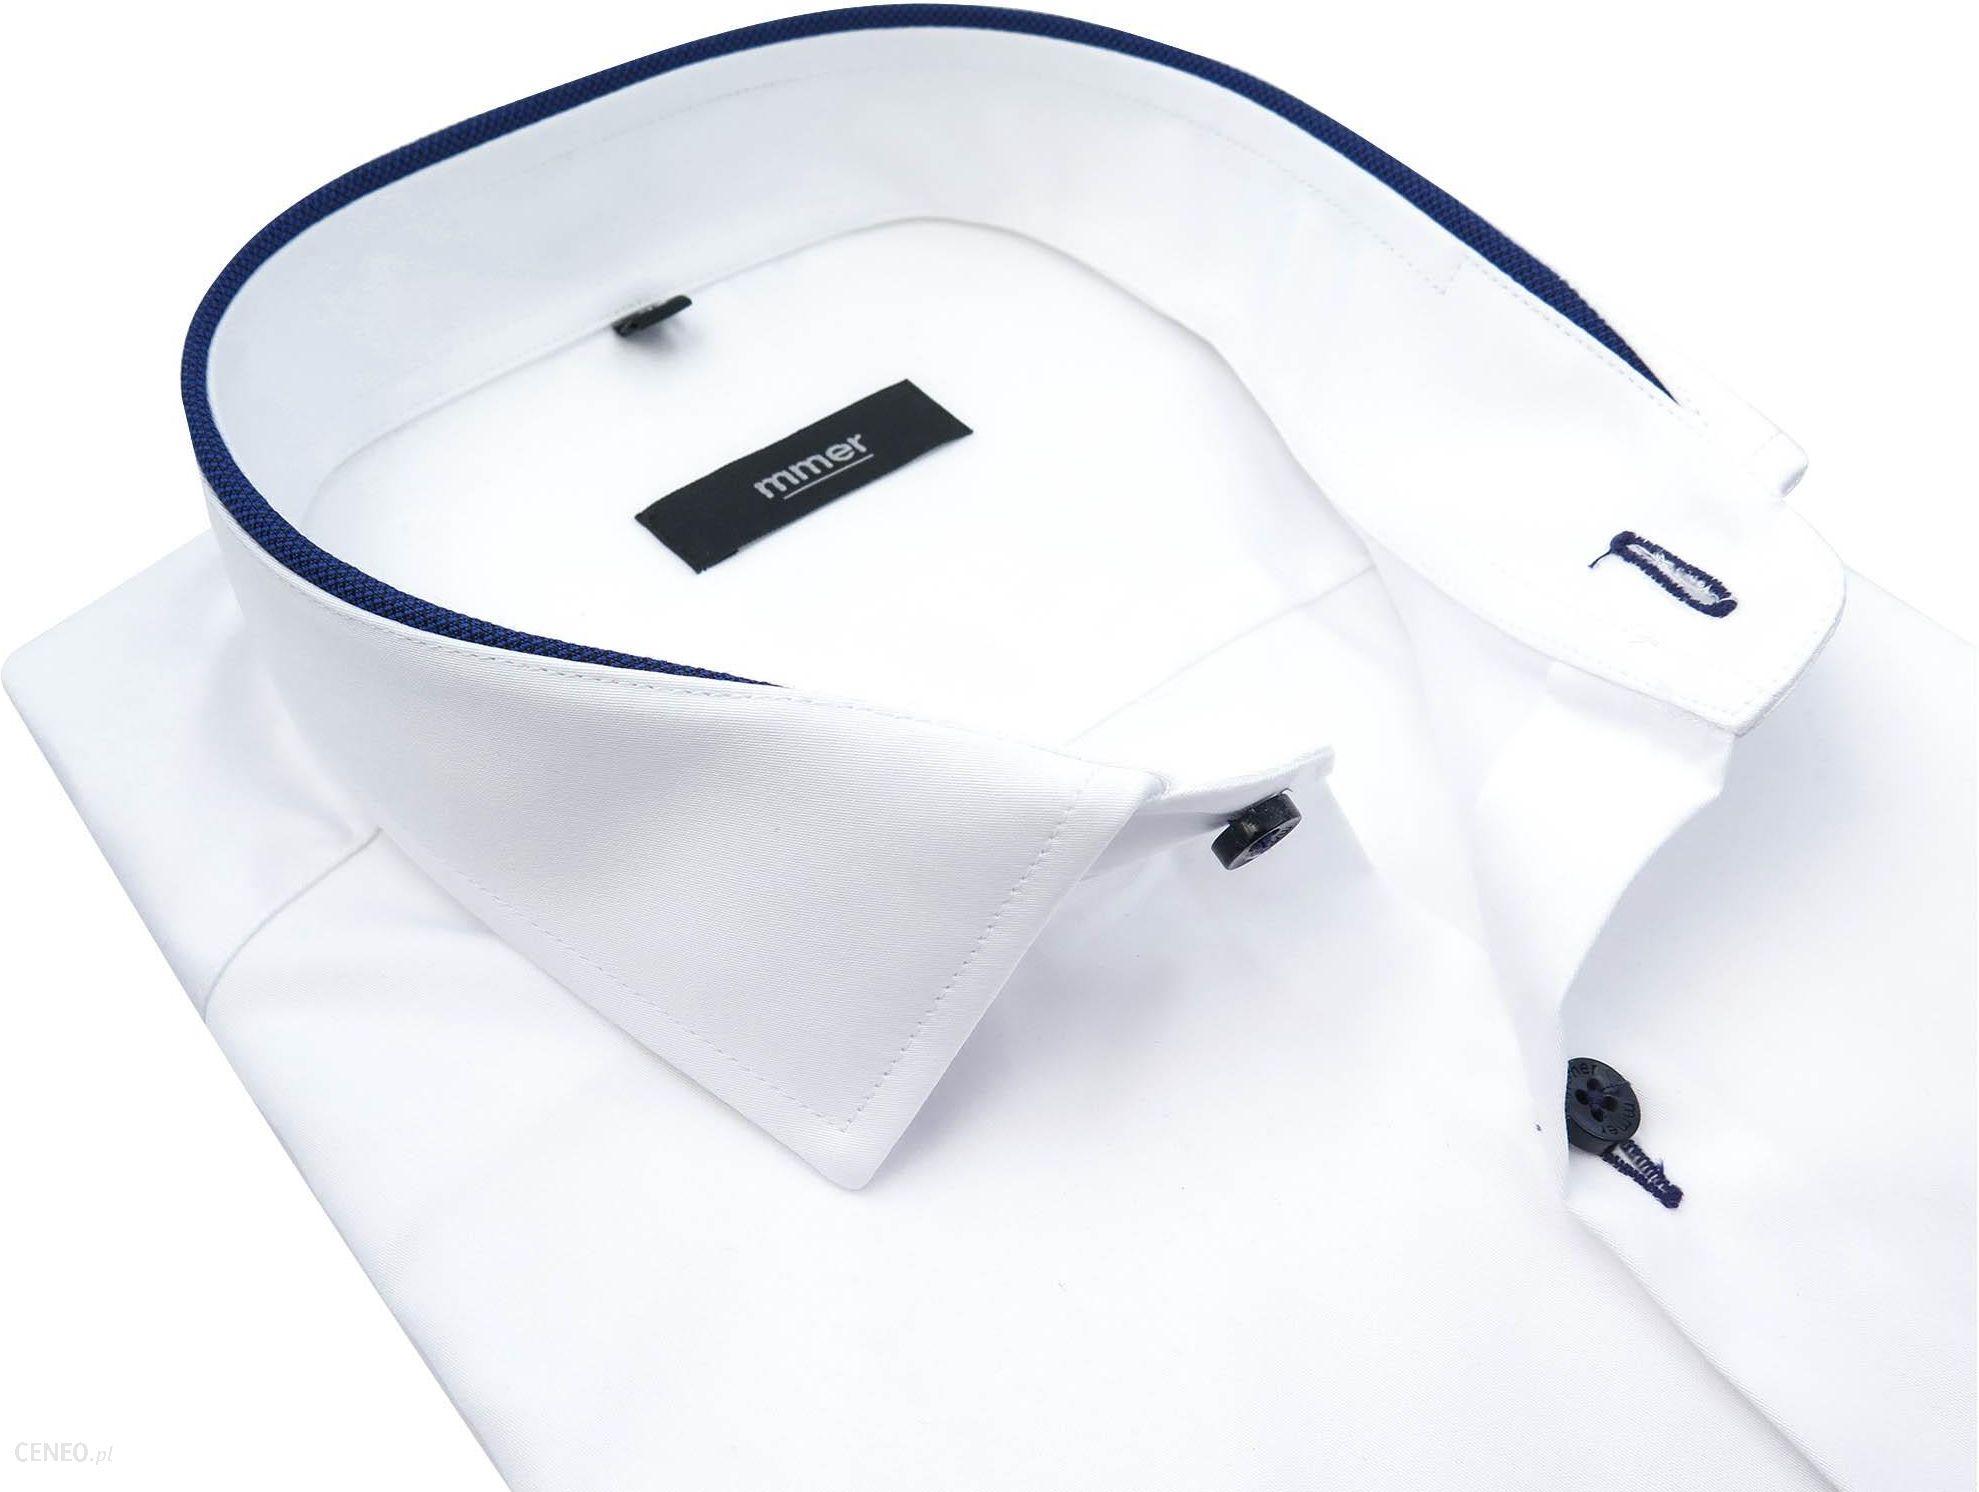 Mmer Koszule męskie Biała koszula z długim rękawem granatowe kontrasty 885 Ceny i opinie Ceneo.pl